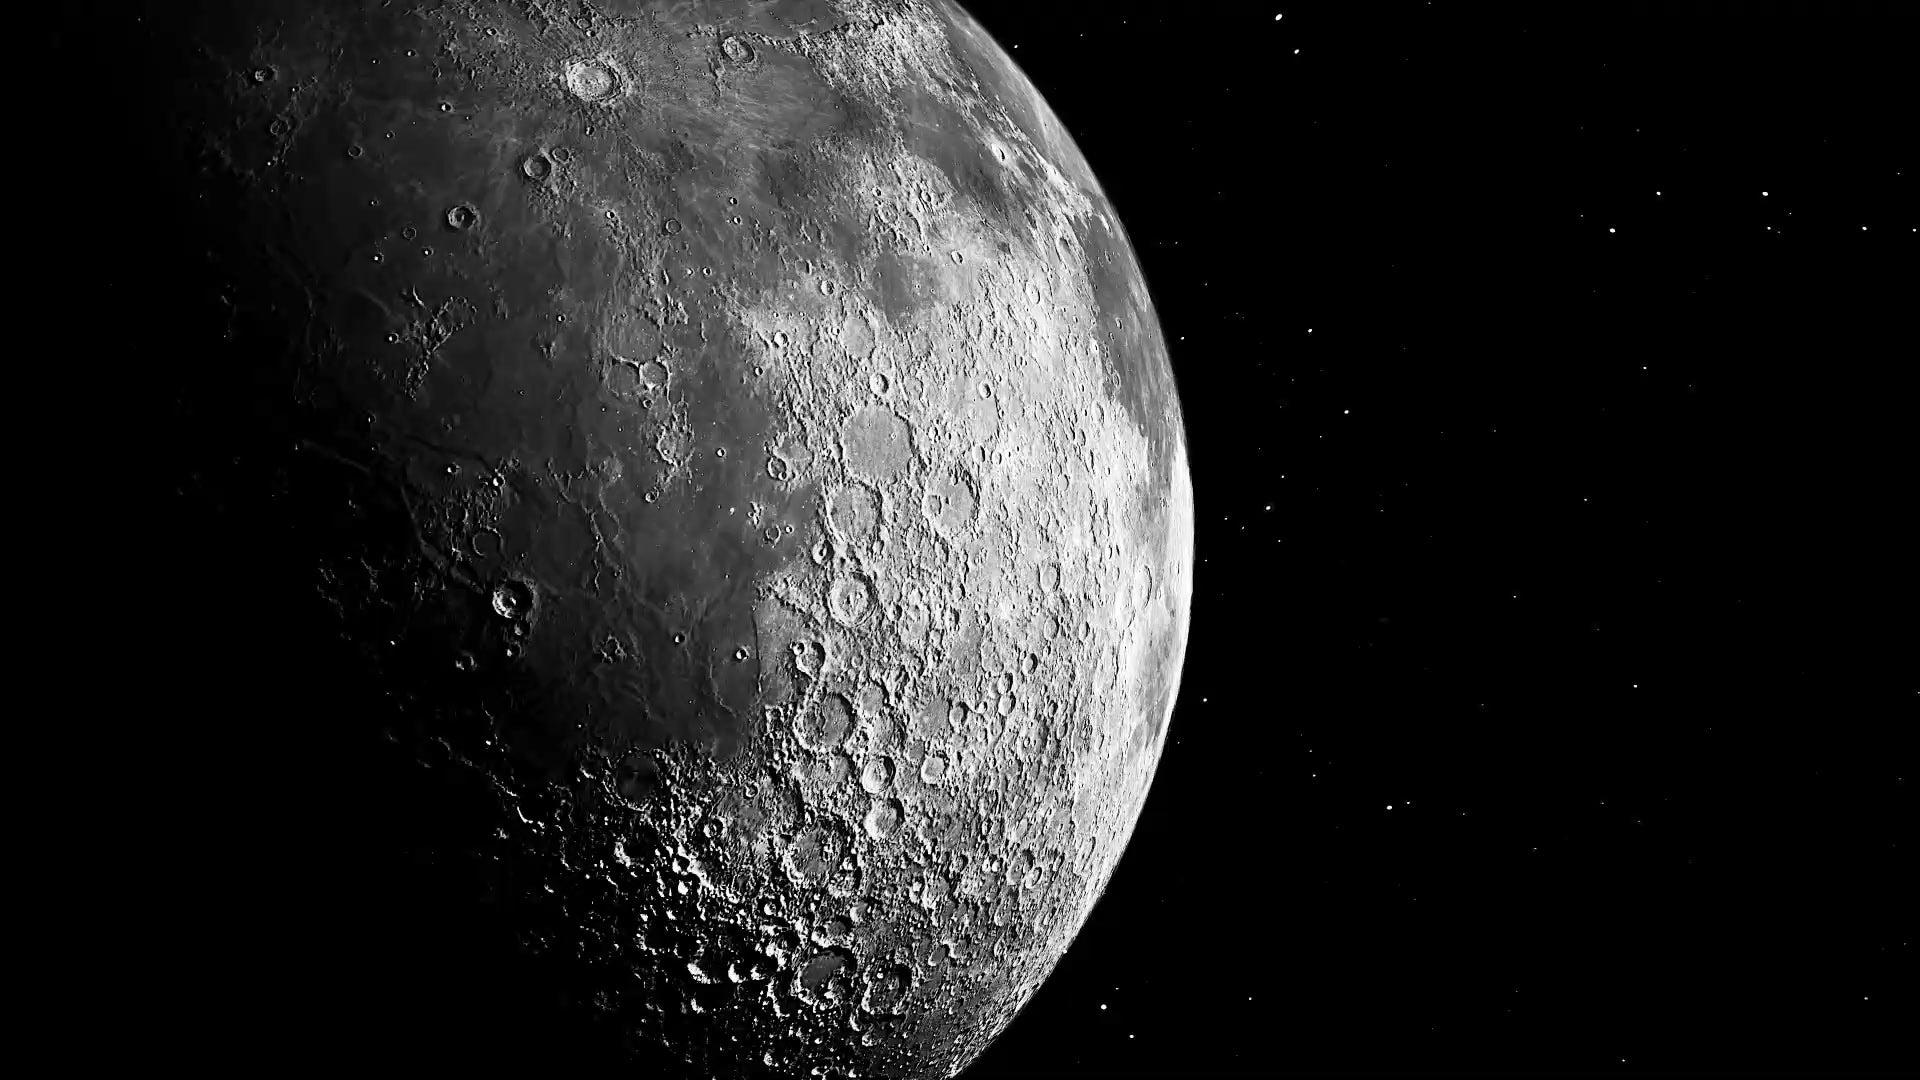 Es bebt nicht nur auf der Erde. Auch auf unserem Begleiter gibt es Erdstöße - etwa, wenn dort Asteroiden einschlagen. Neuen Analysen zufolge gibt es wohl eine weitere bedeutsame Ursache.